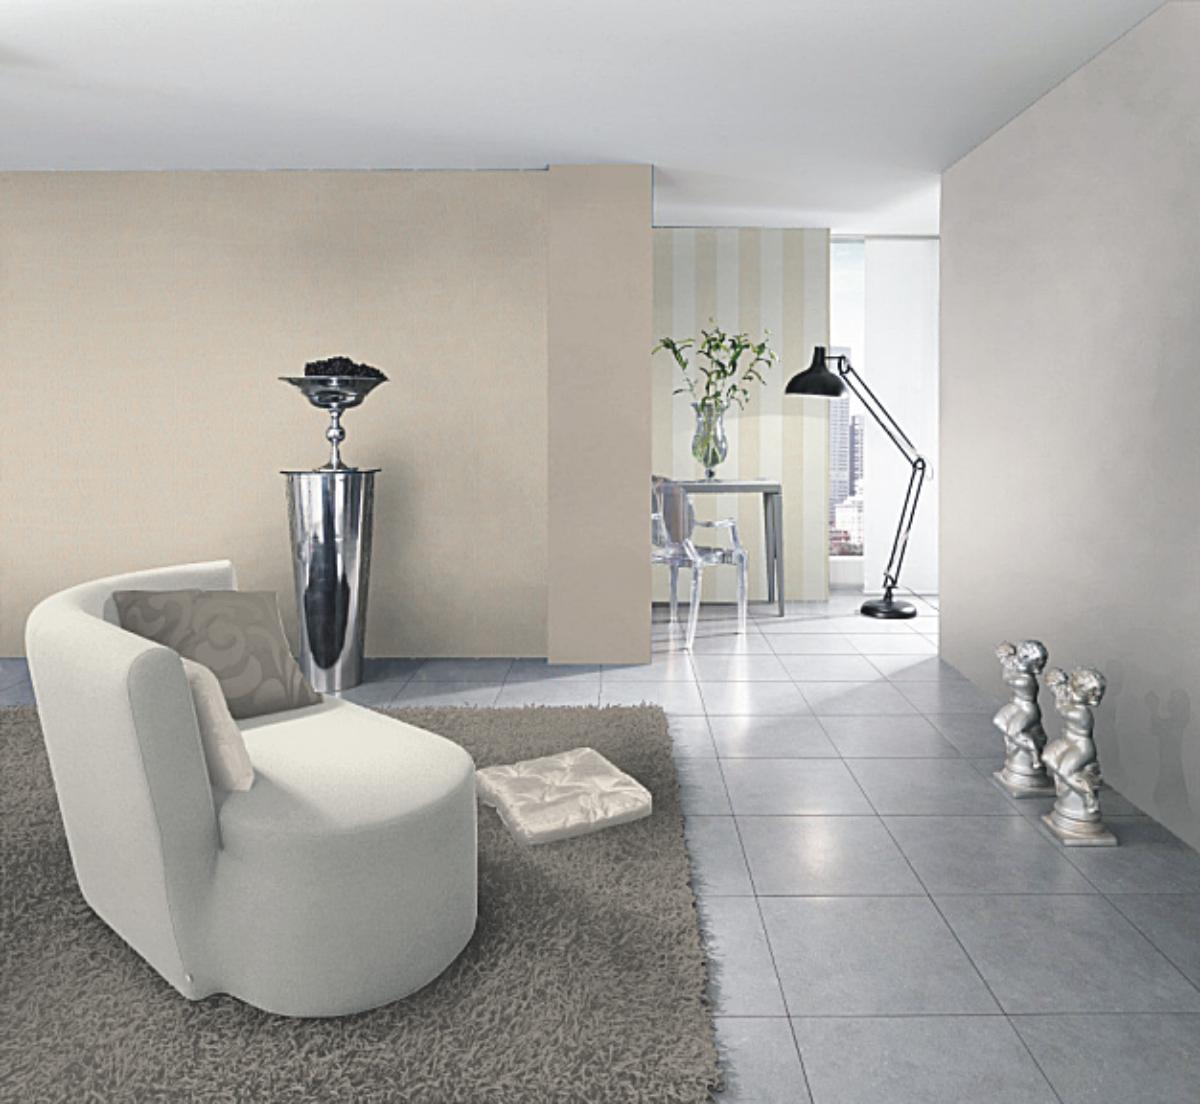 rasch tapete barbara becker 780413 streifen creme beige 1 77 m ebay. Black Bedroom Furniture Sets. Home Design Ideas